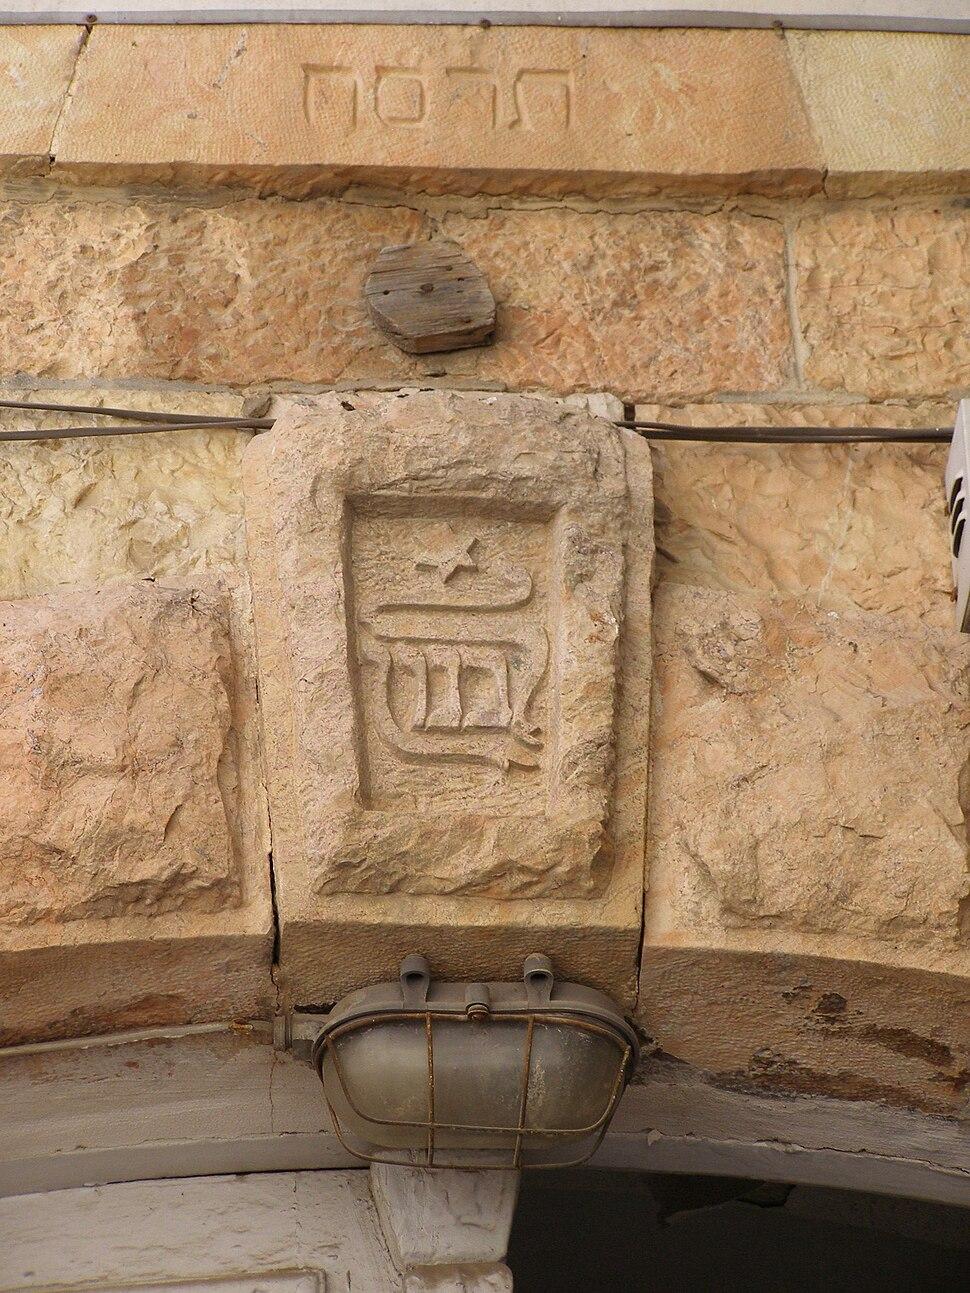 Beit yelin